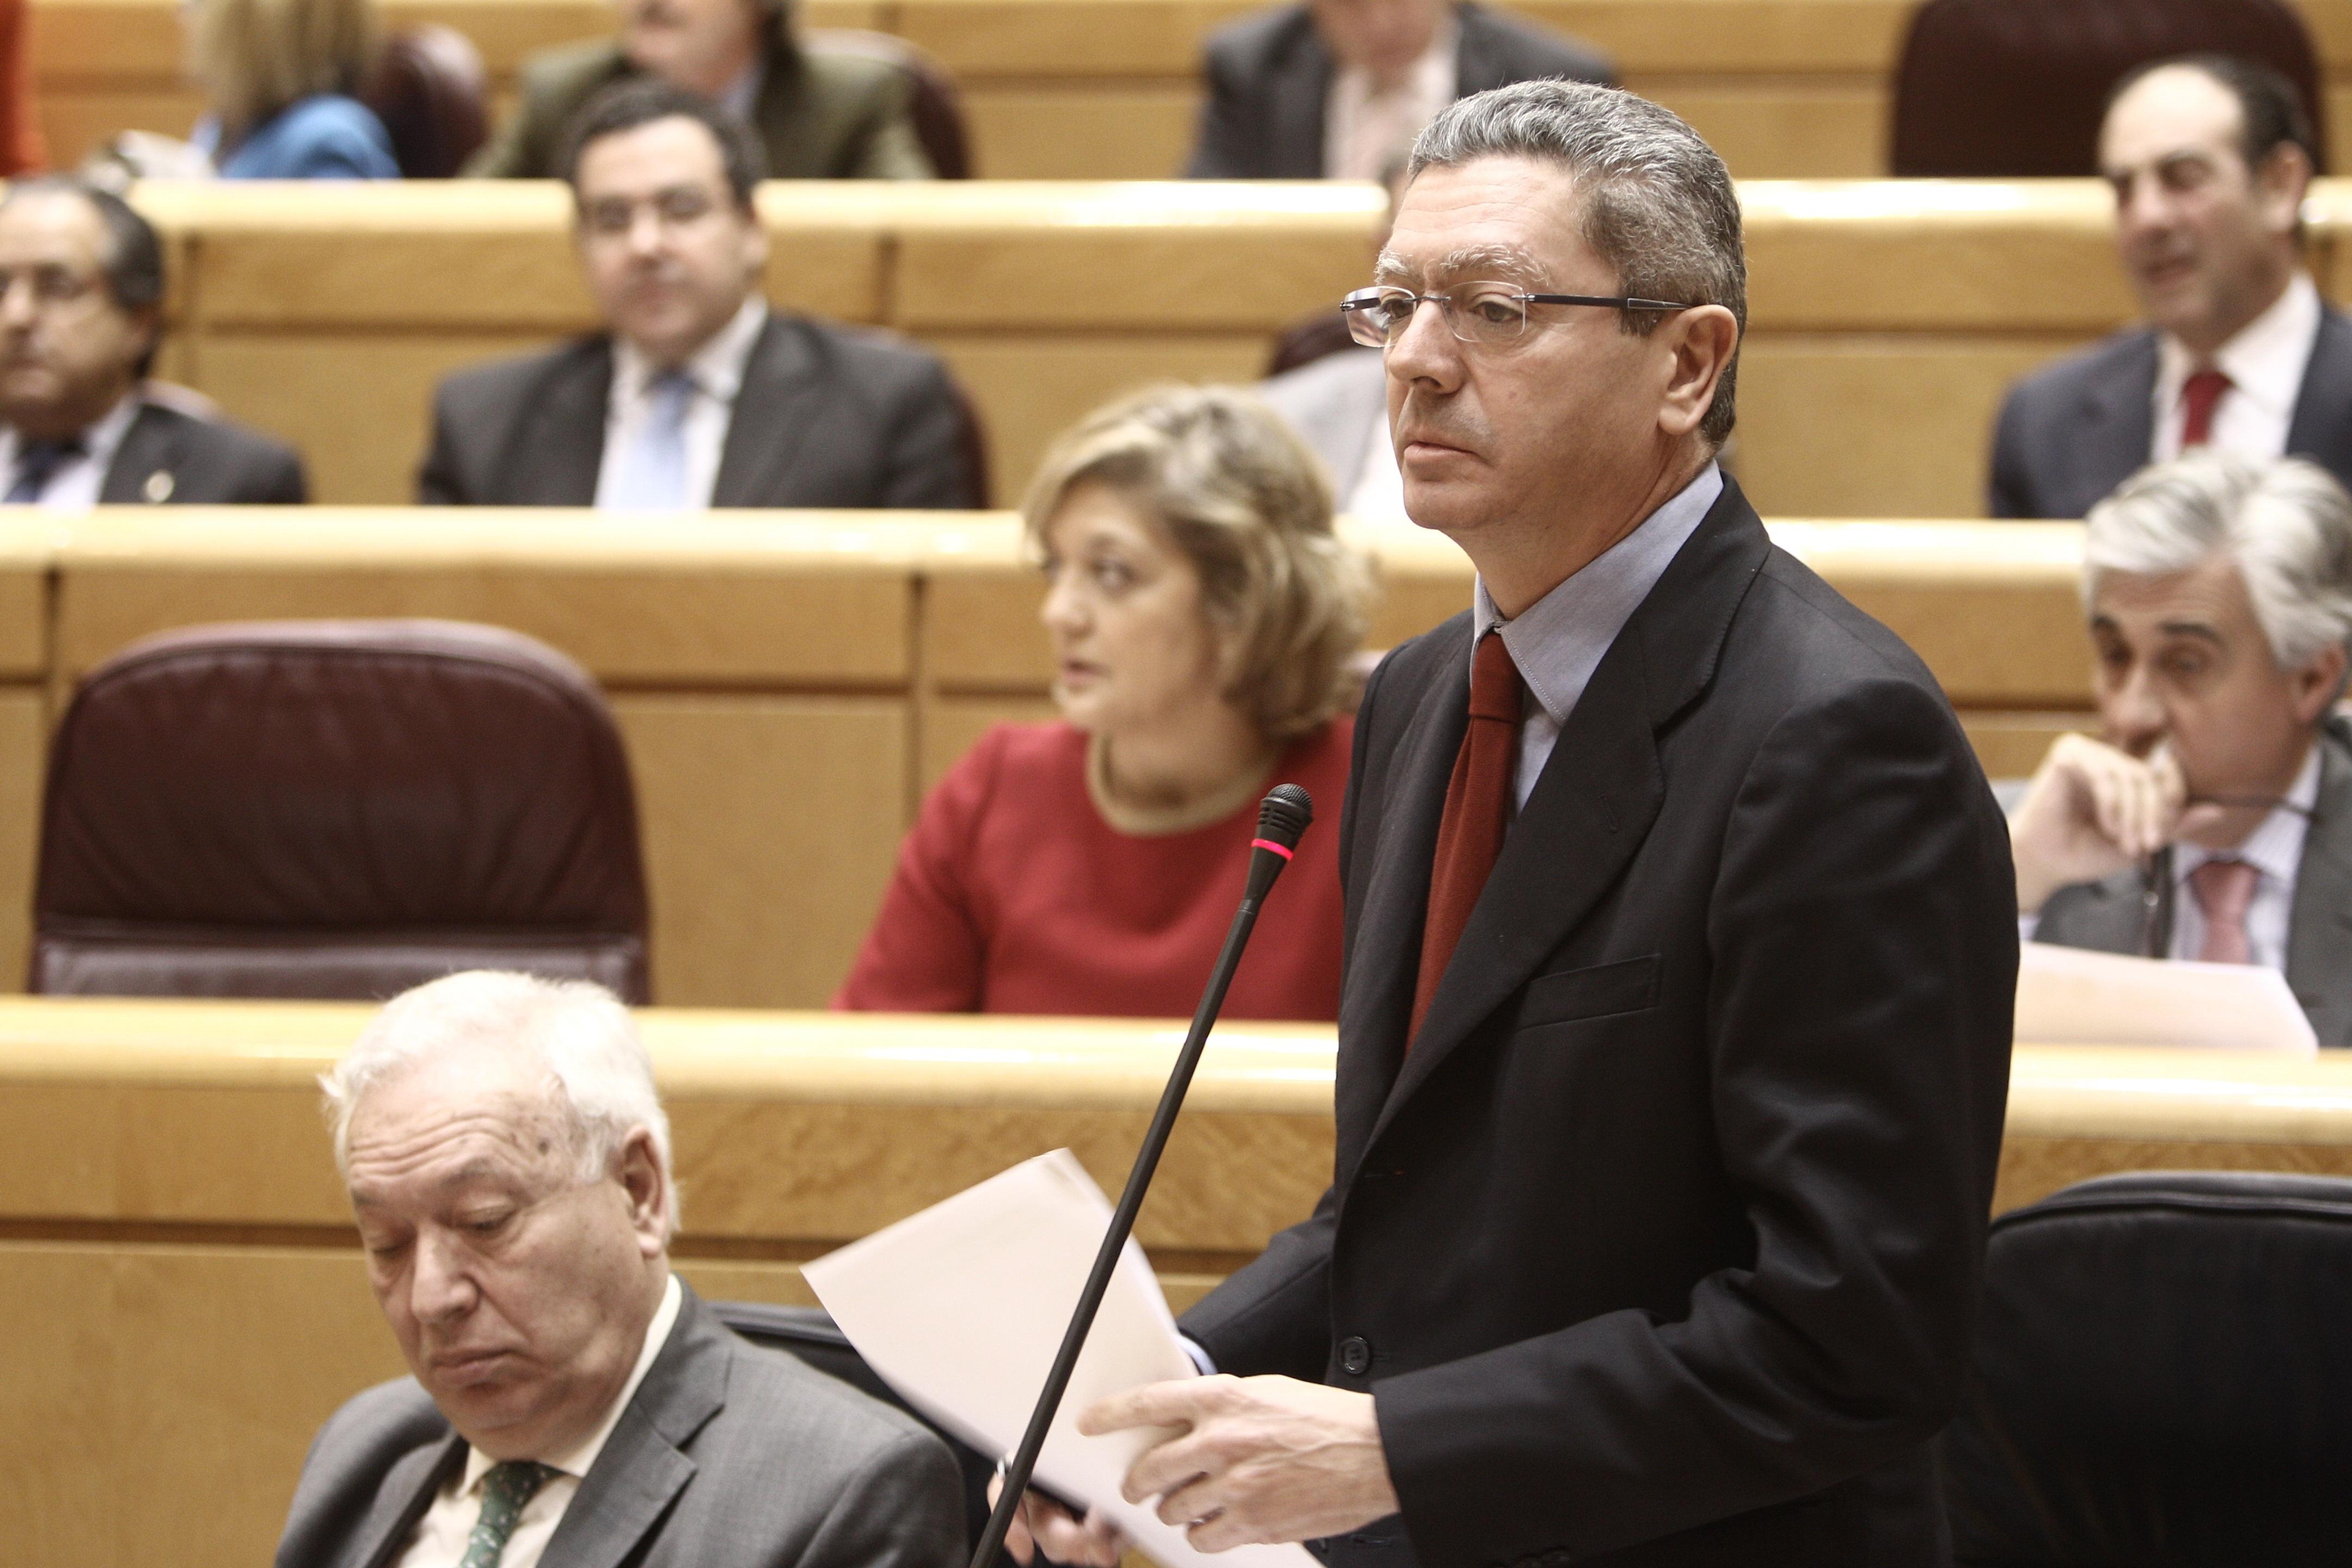 Gallardón abordará de nuevo mañana ante el Pleno del Senado la reforma de la ley